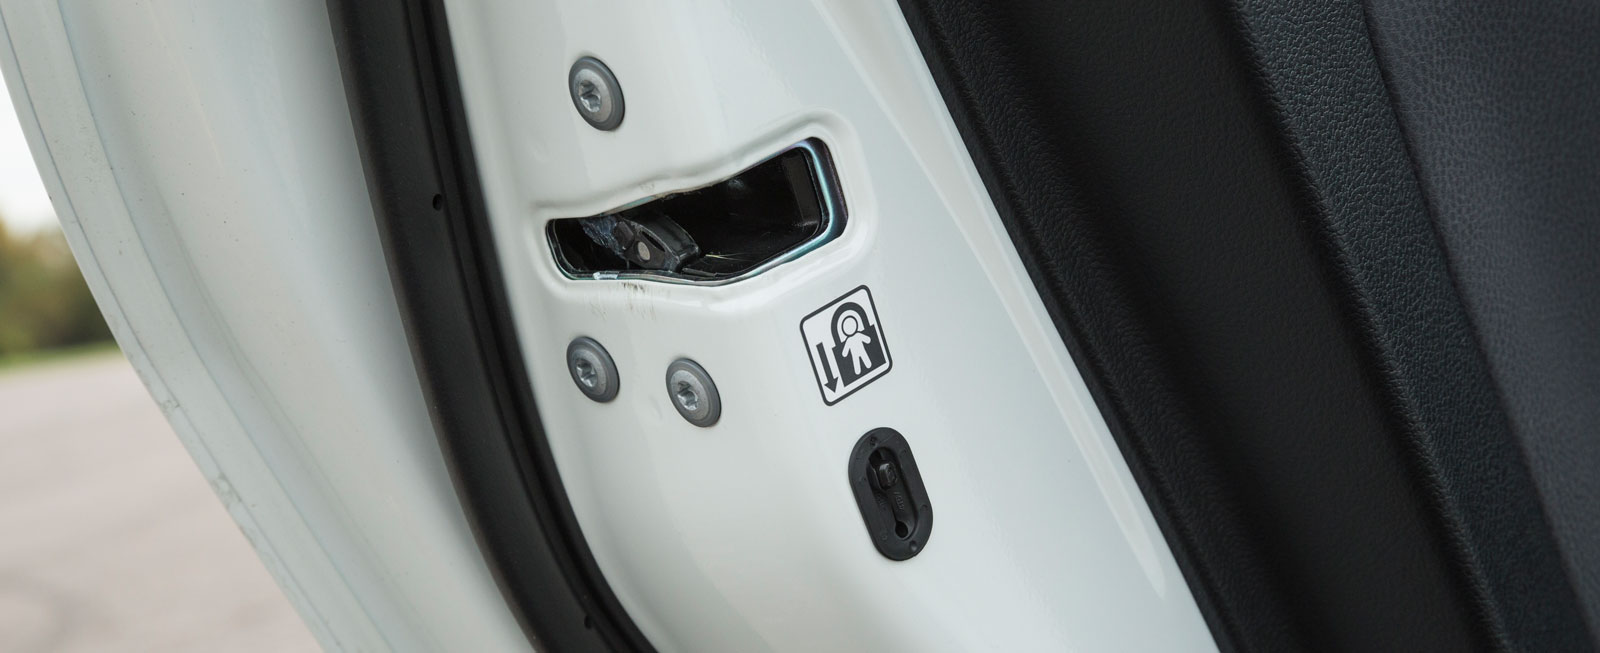 Ingen har elektriska barnlås, bara mekaniska. Här Hyundais bakdörr.